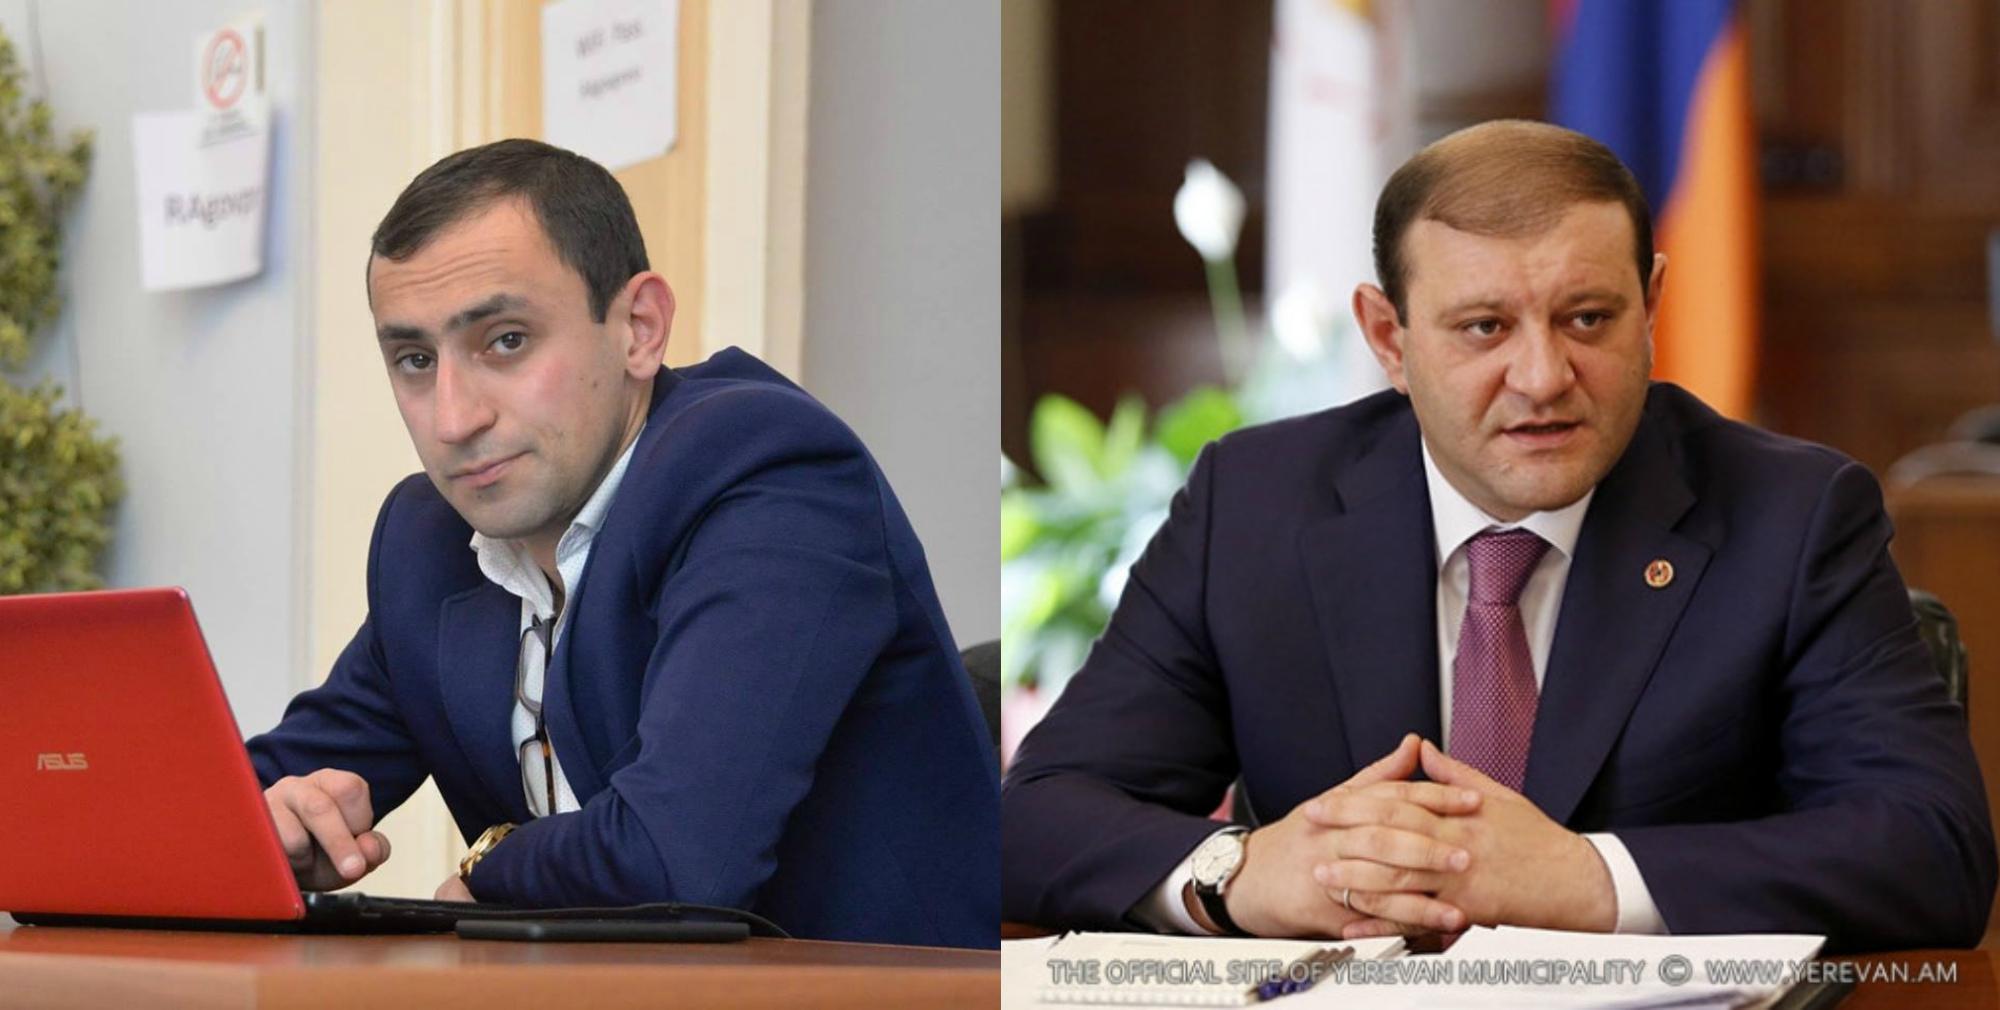 Մարդիկ էսօր արդեն երանի են տալիս Տարոն Մարգարյանին. Վահե Մակարյանը նախկին քաղաքապետի մասին